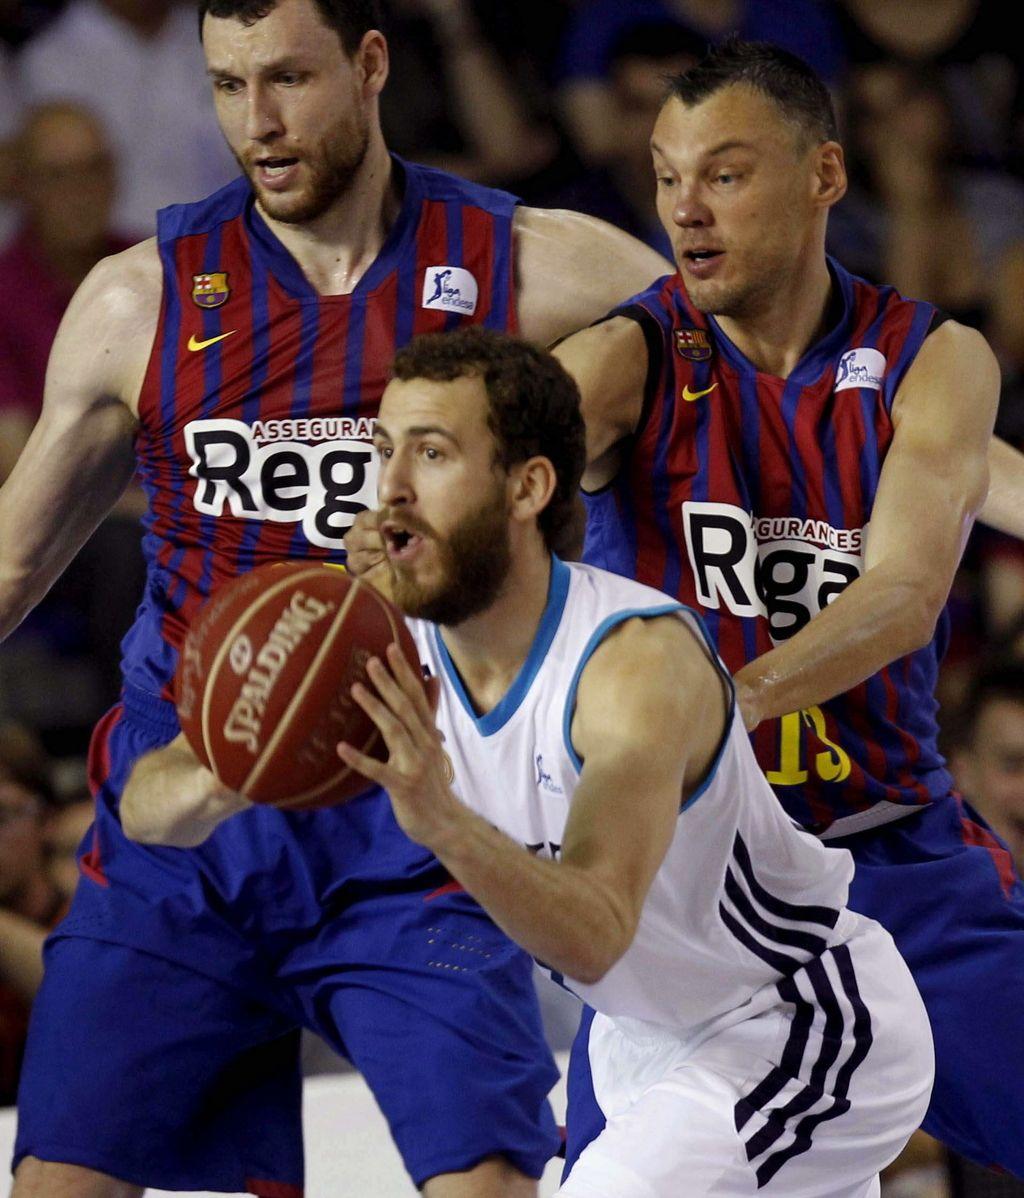 Los jugadores del Regal Barcelona Mavrokefalidis (i) y Jasikevicius (d) defienden el pase de Sergio Rodríguez, del Real Madrid, durante el tercer partido de la final de la Liga Endesa